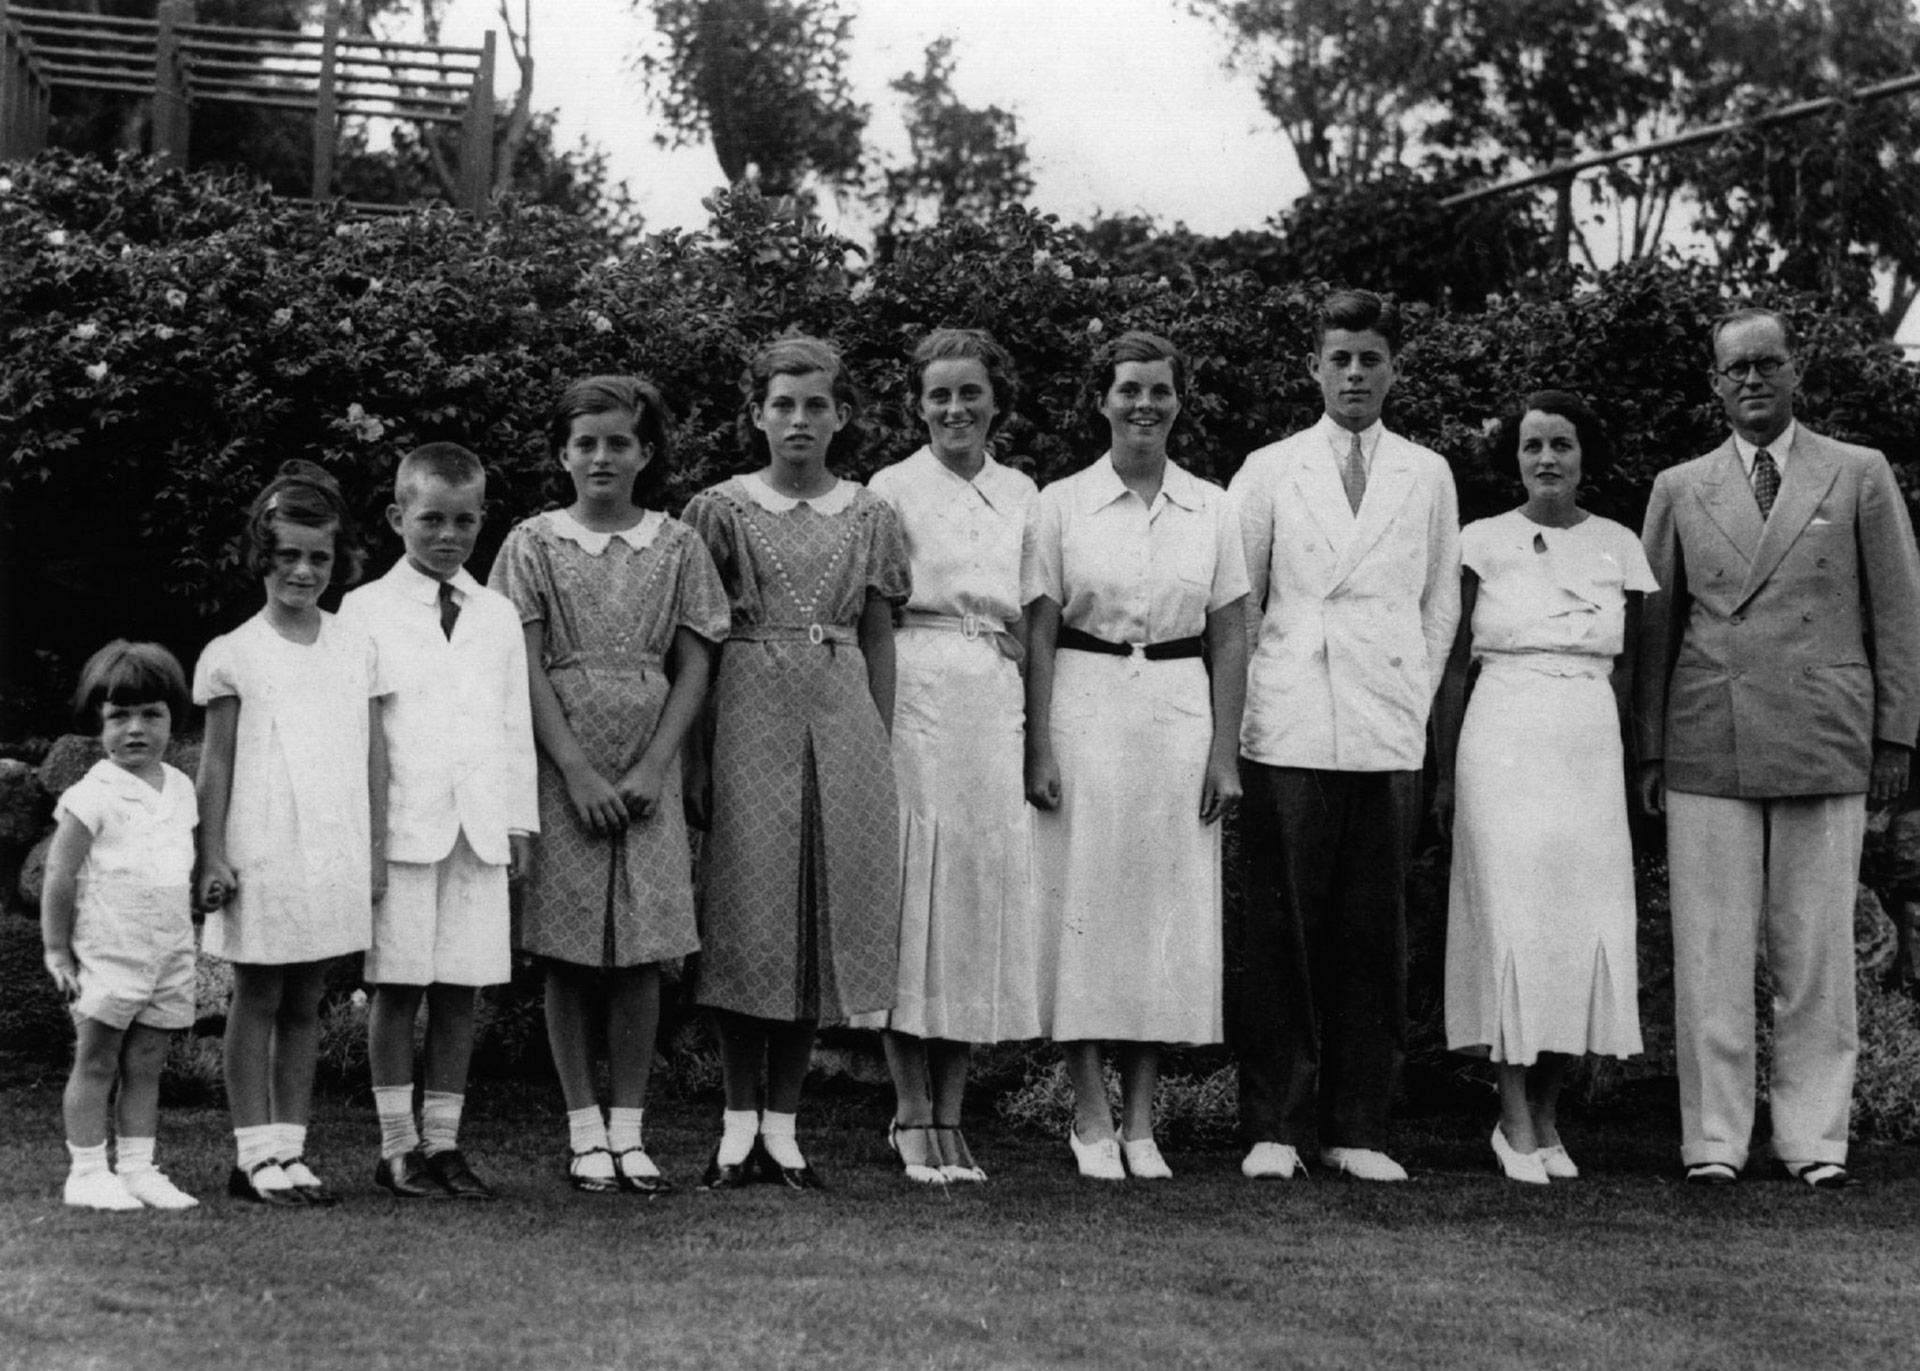 El multimillonario Joseph P. Kennedy junto a su esposa Rose y ocho de sus nueve hijos en 1937: el tercero de derecha a izquierda es John F. (Photo by Keystone/Getty Images)